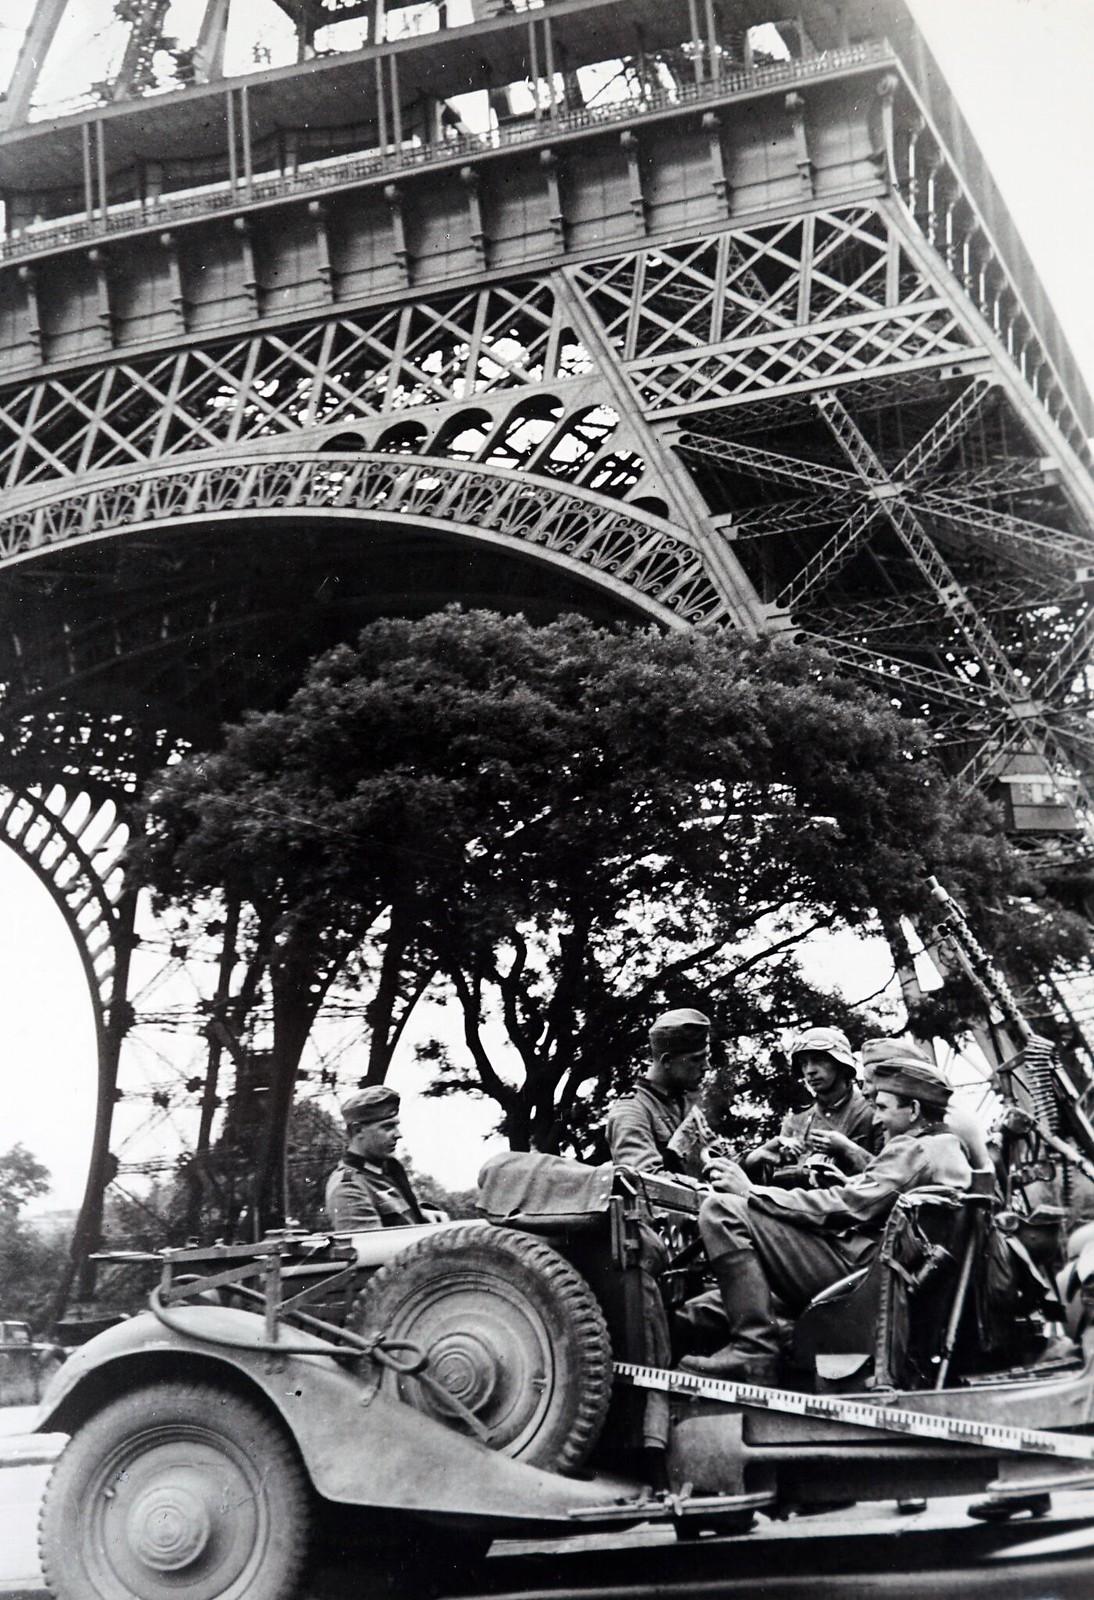 19. Немецкие солдаты сидят в машине под Эйфелевой башней